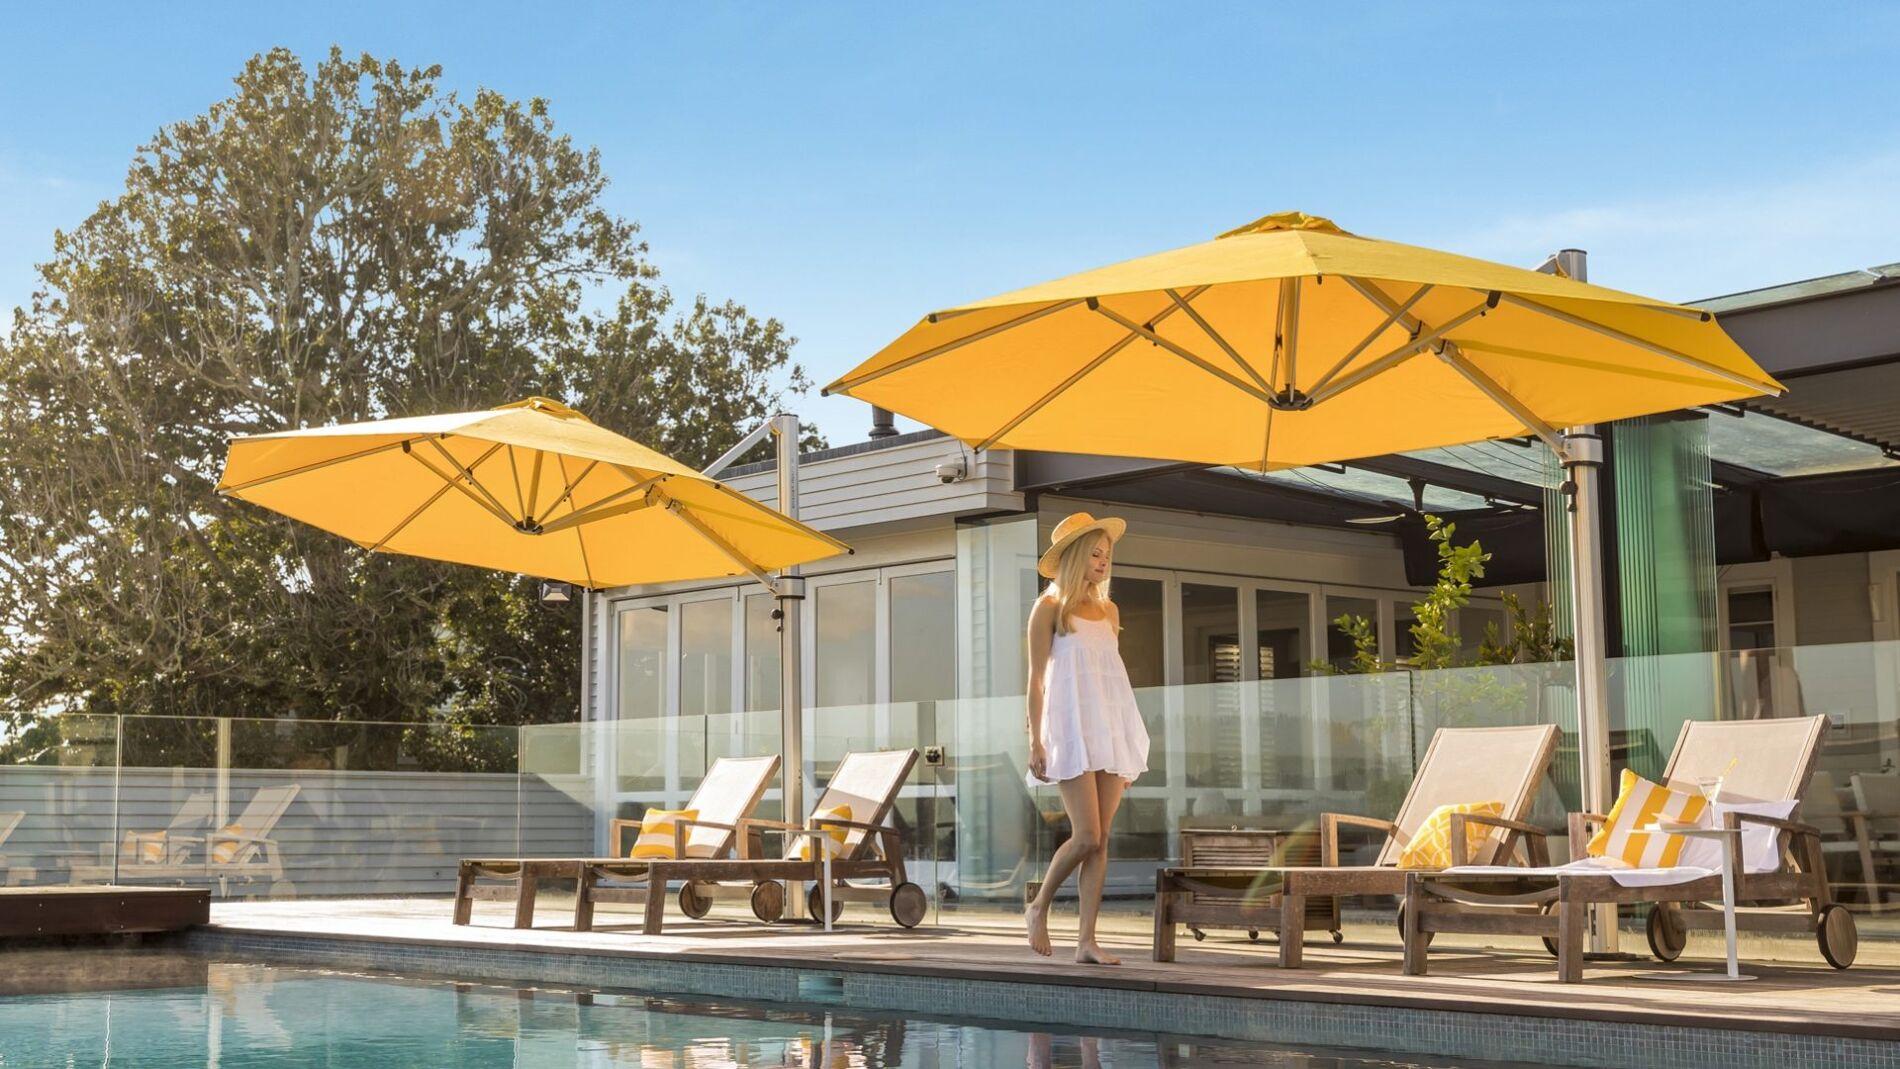 Riviera Cantilever Umbrellas